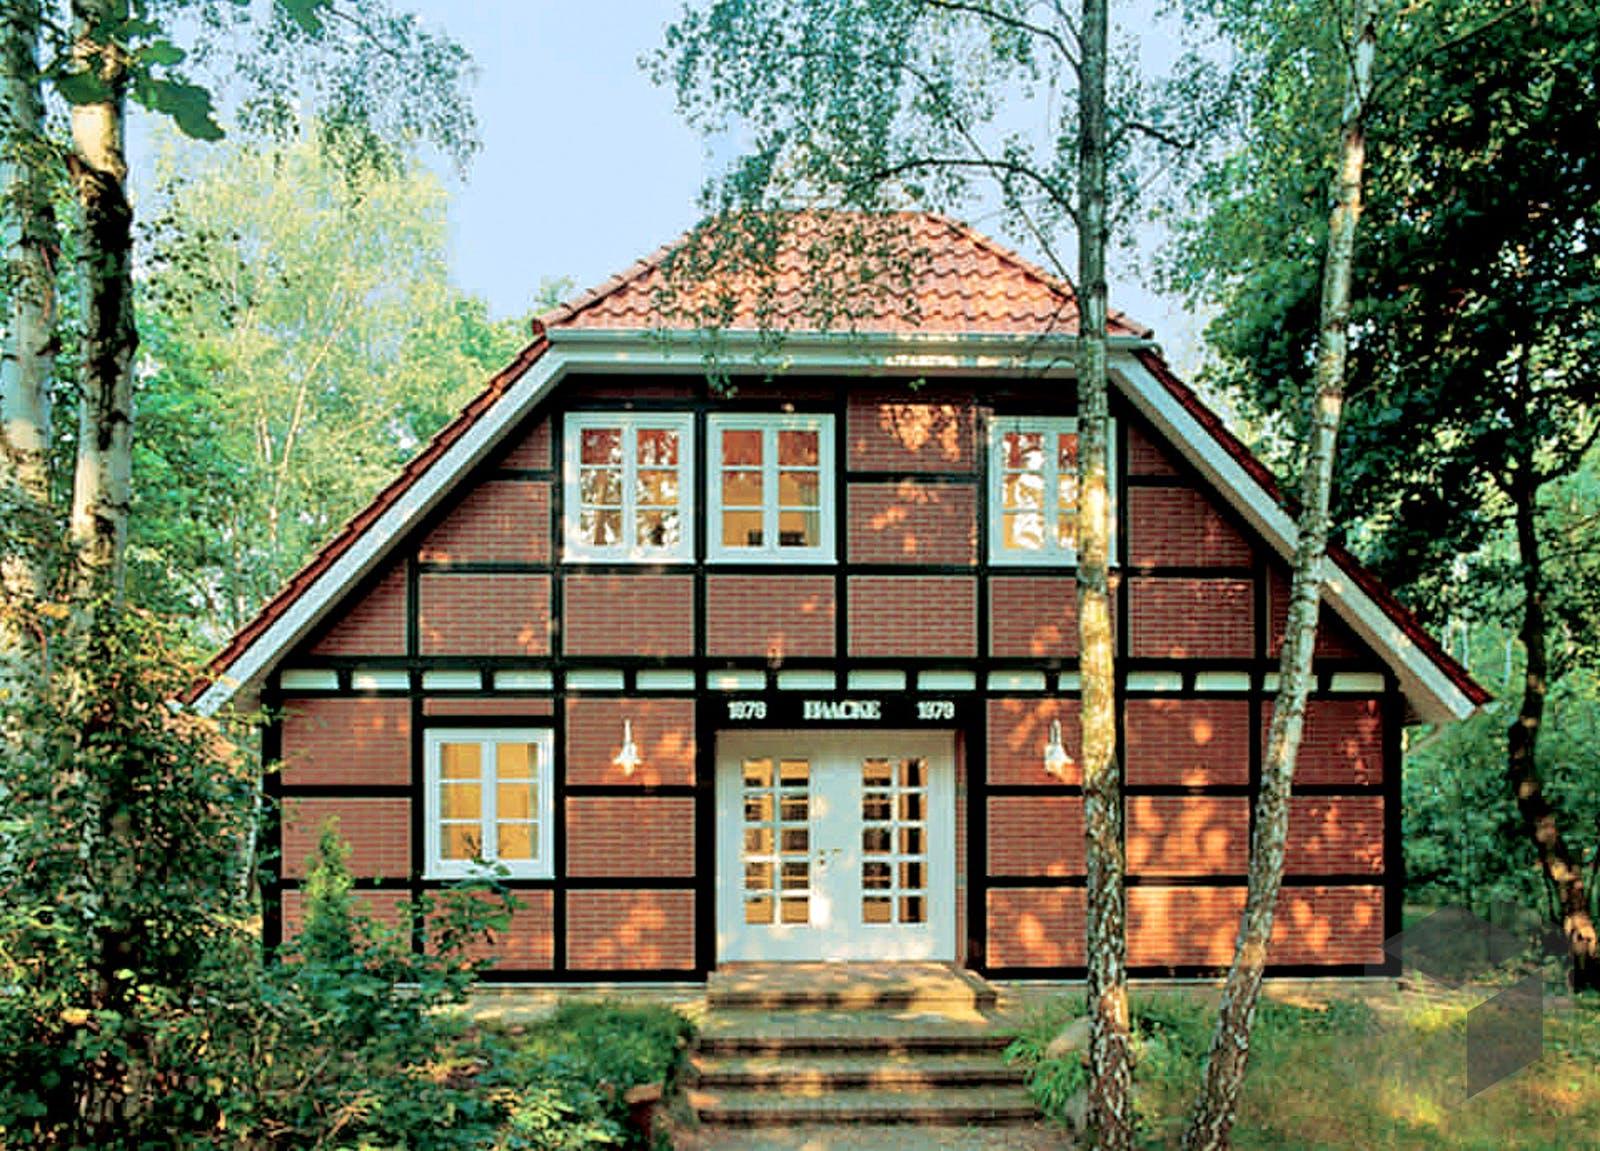 fachwerkhaus 95 1 0 inactive von haacke haus komplette daten bersicht. Black Bedroom Furniture Sets. Home Design Ideas